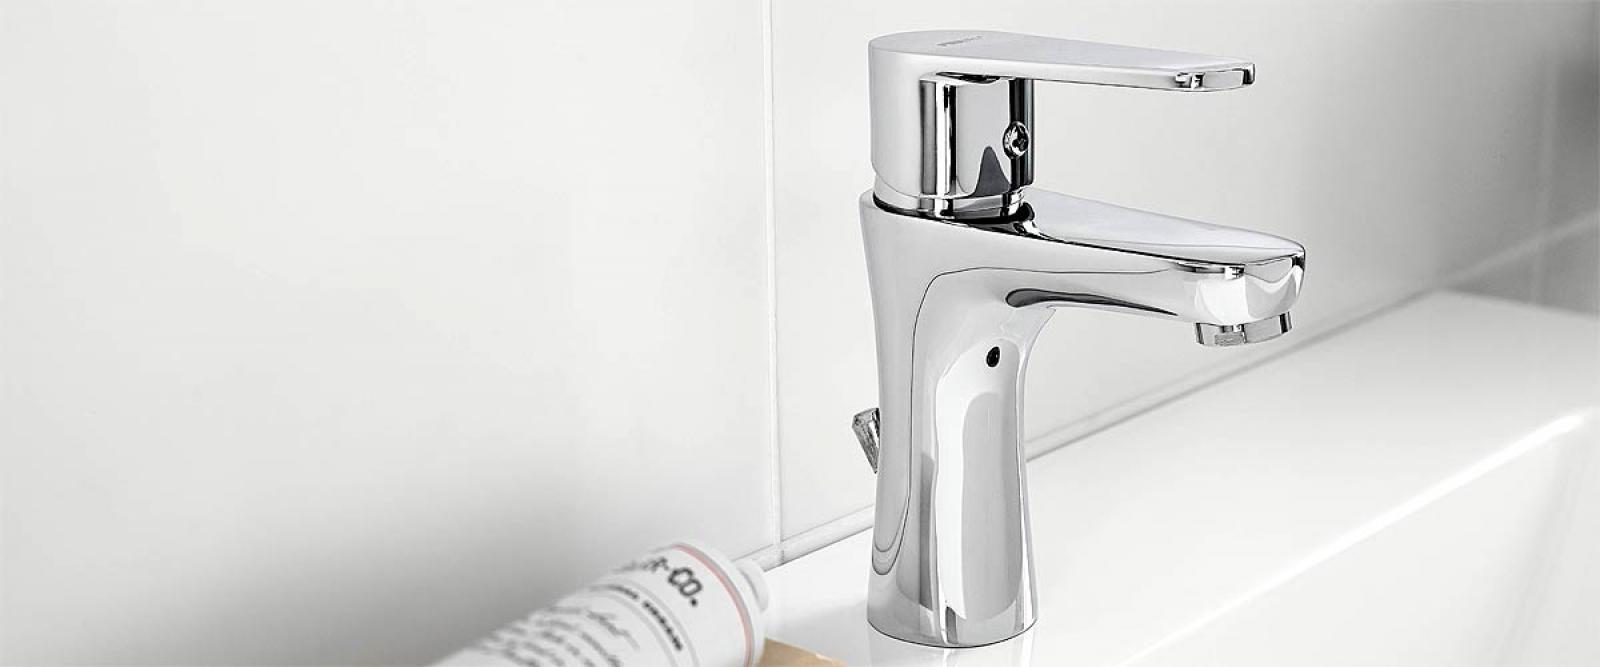 kaufexpert badm bel set lux new sonoma eiche keramik waschbecken badezimmer led beleuchtung. Black Bedroom Furniture Sets. Home Design Ideas